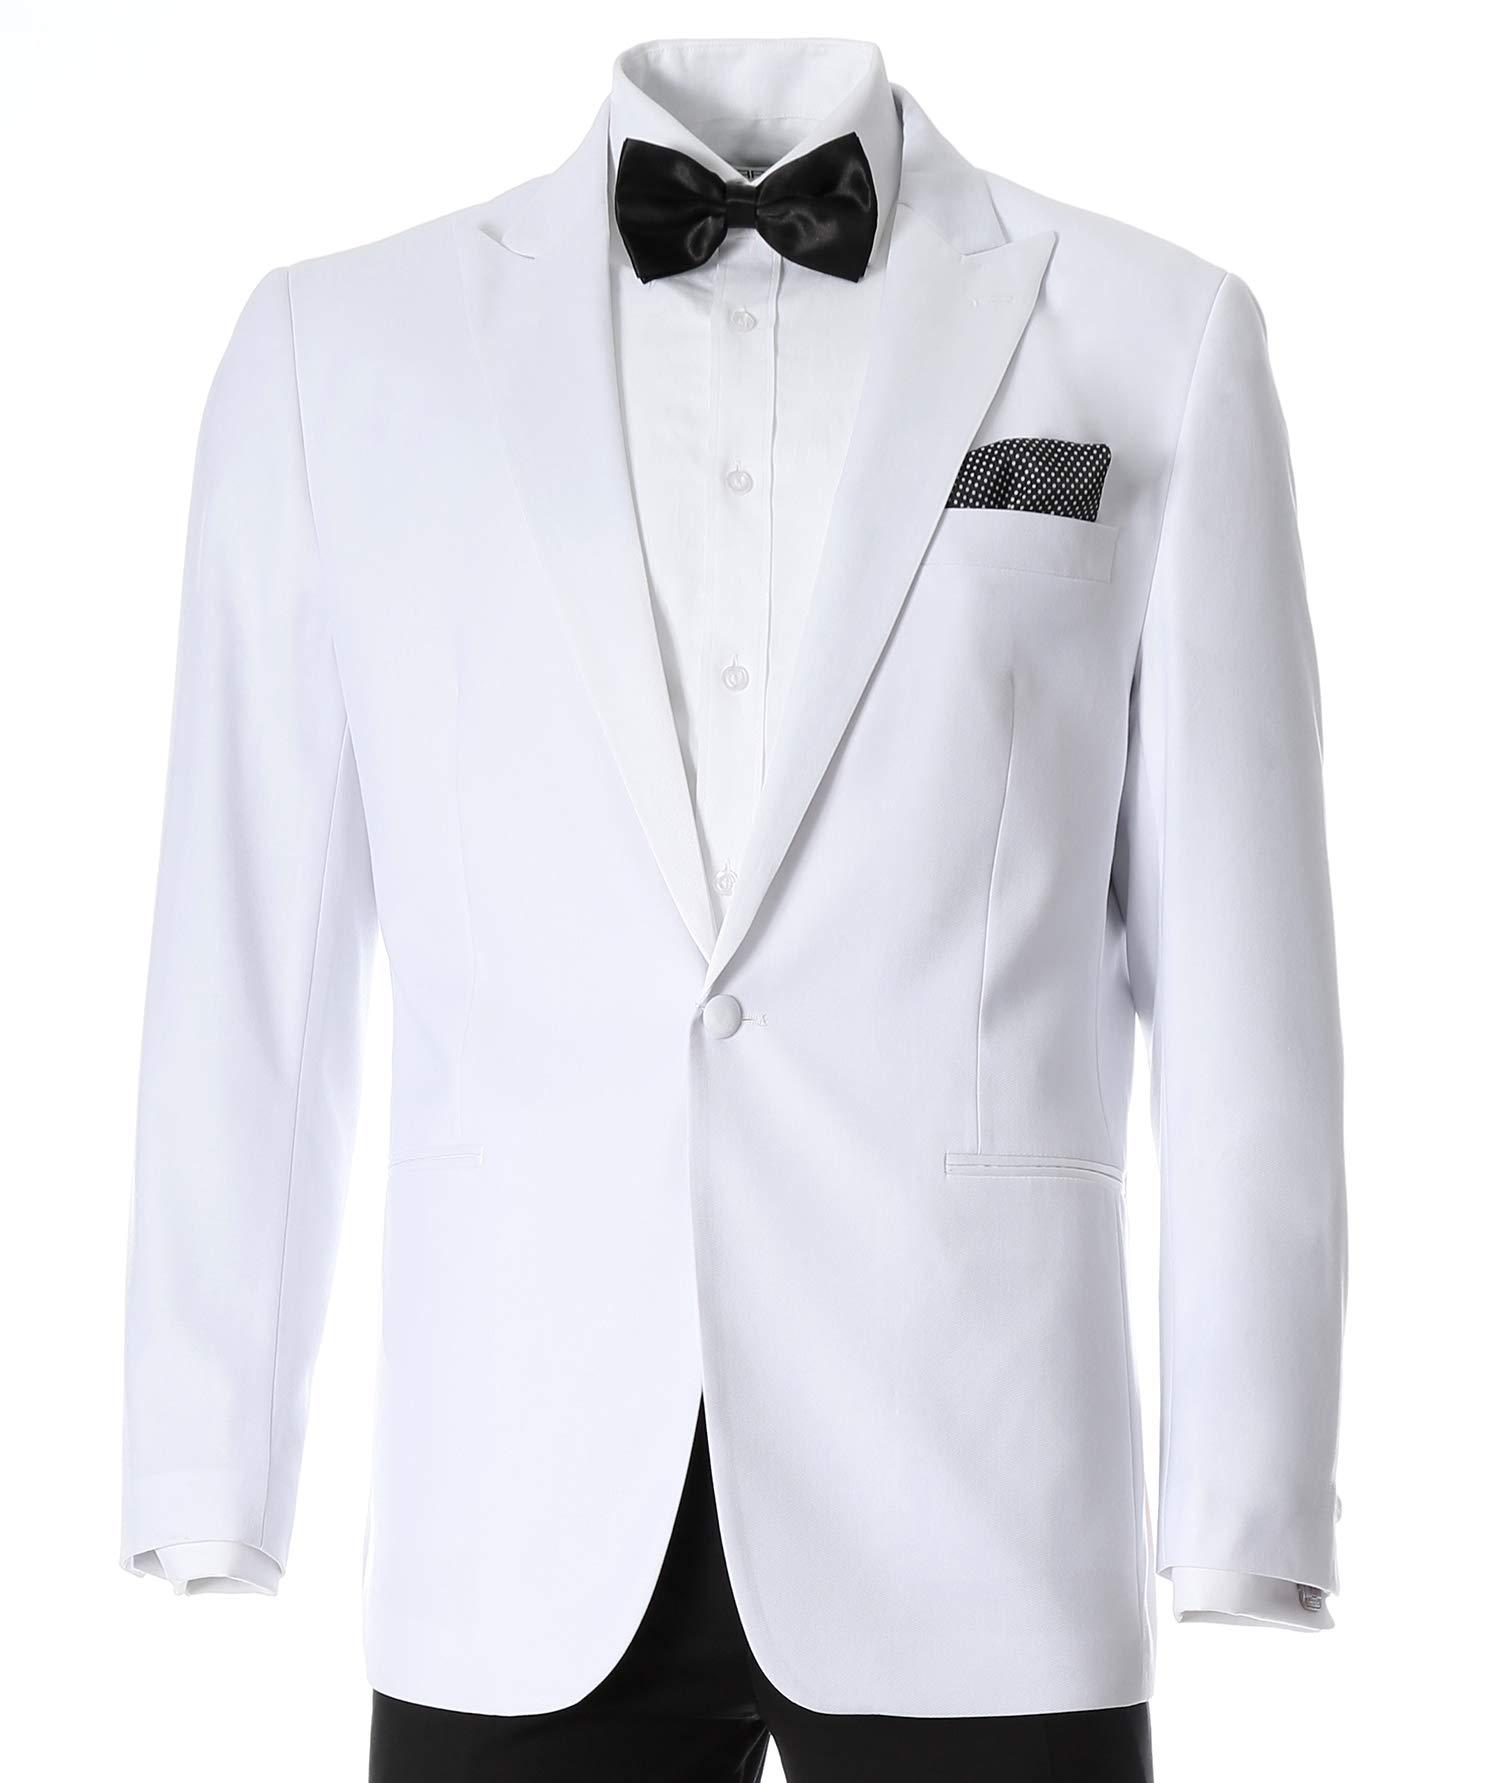 Ferrecci Men's Aura White Slim Fit Peak Lapel Tuxedo Dinner Jacket (42 Regular) by Ferrecci